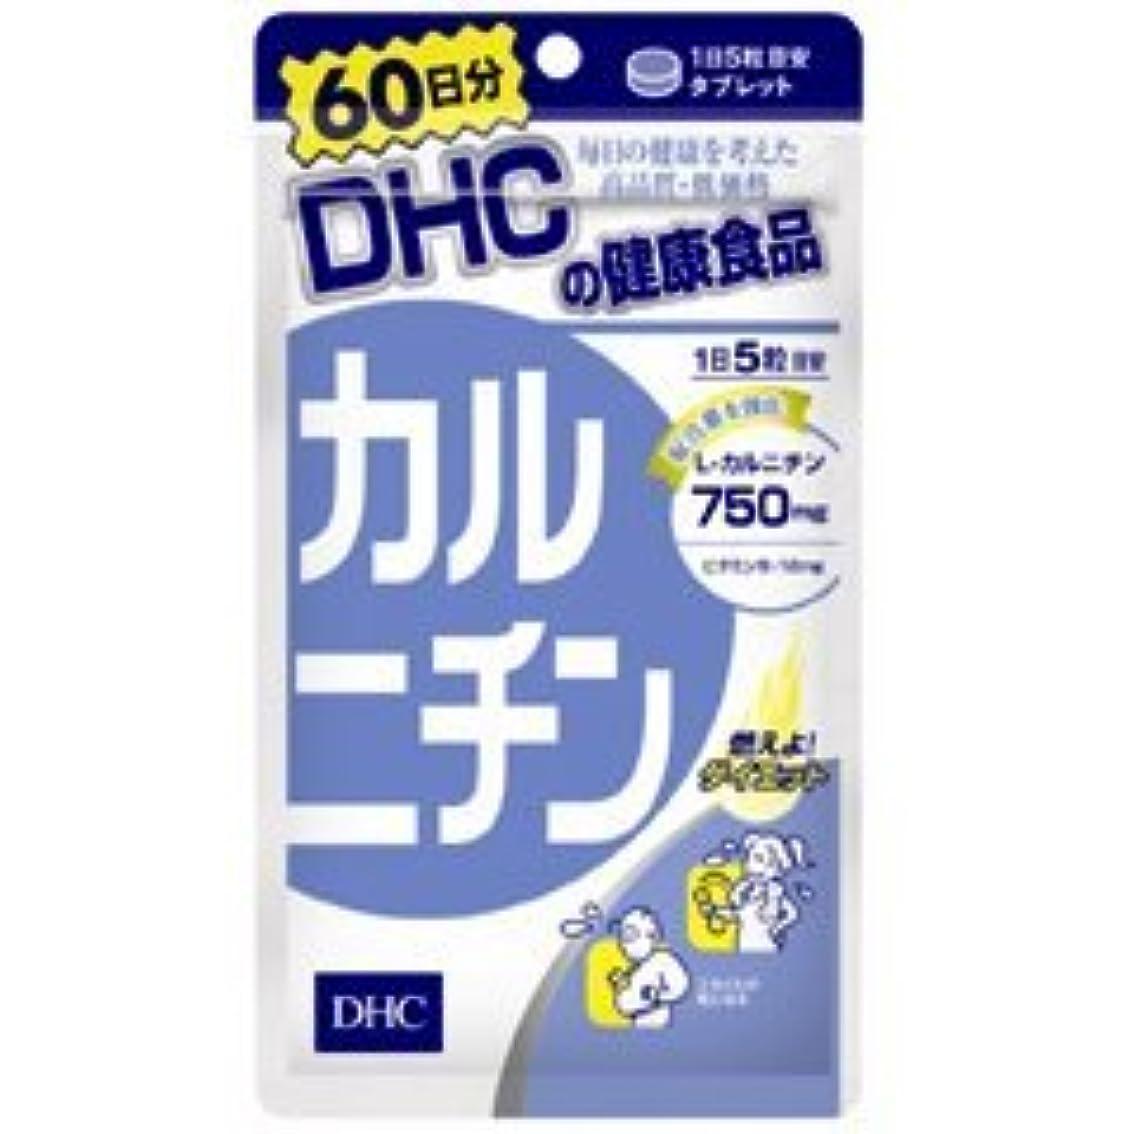 引き算用語集濃度DHCの健康食品 カルニチン 60日分 300粒 【DHC】